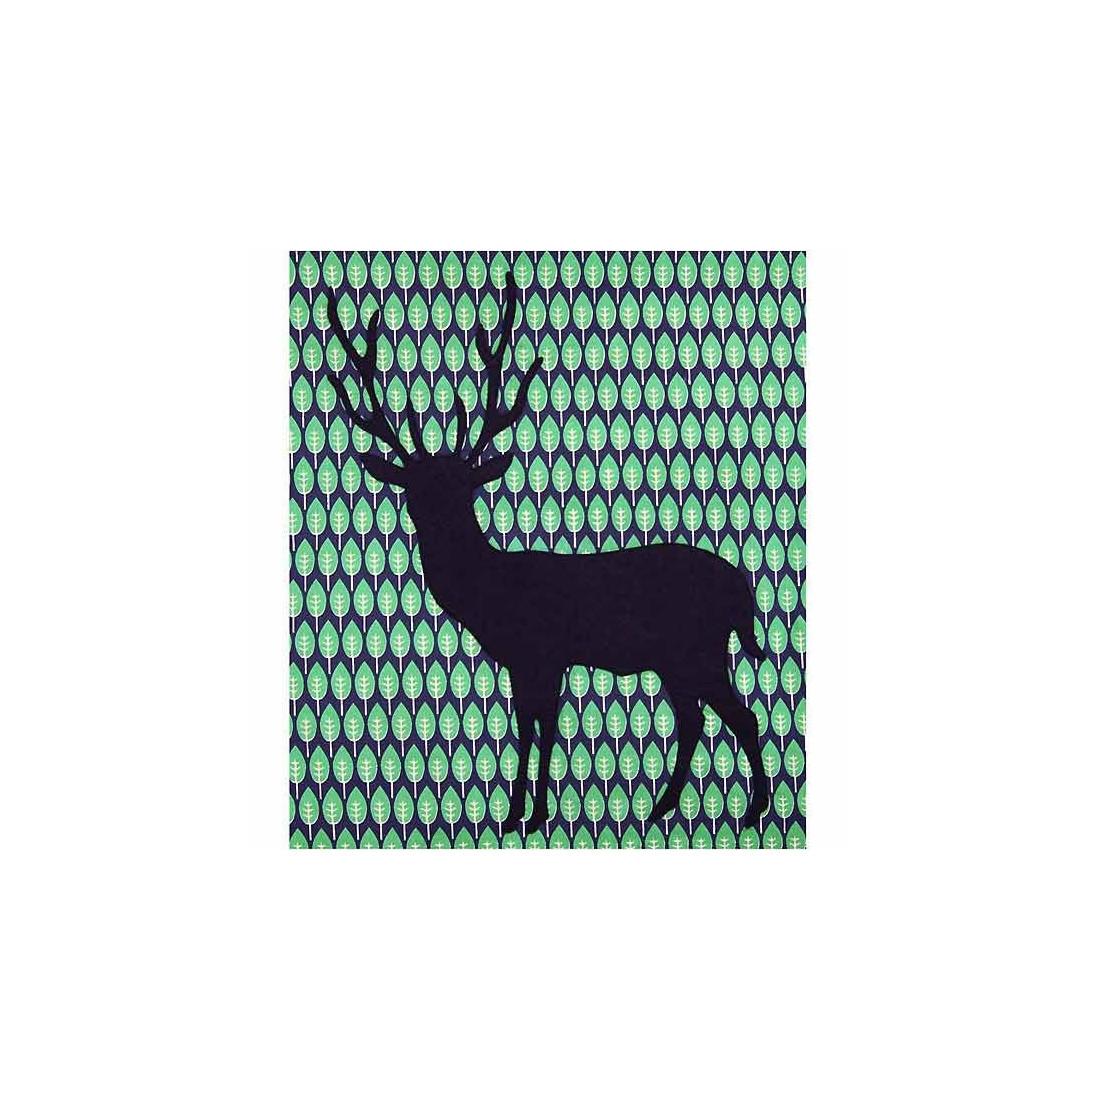 housse de couette enfant cerf taftan vert 140 x 200 cm avec taie ma chambramoi. Black Bedroom Furniture Sets. Home Design Ideas